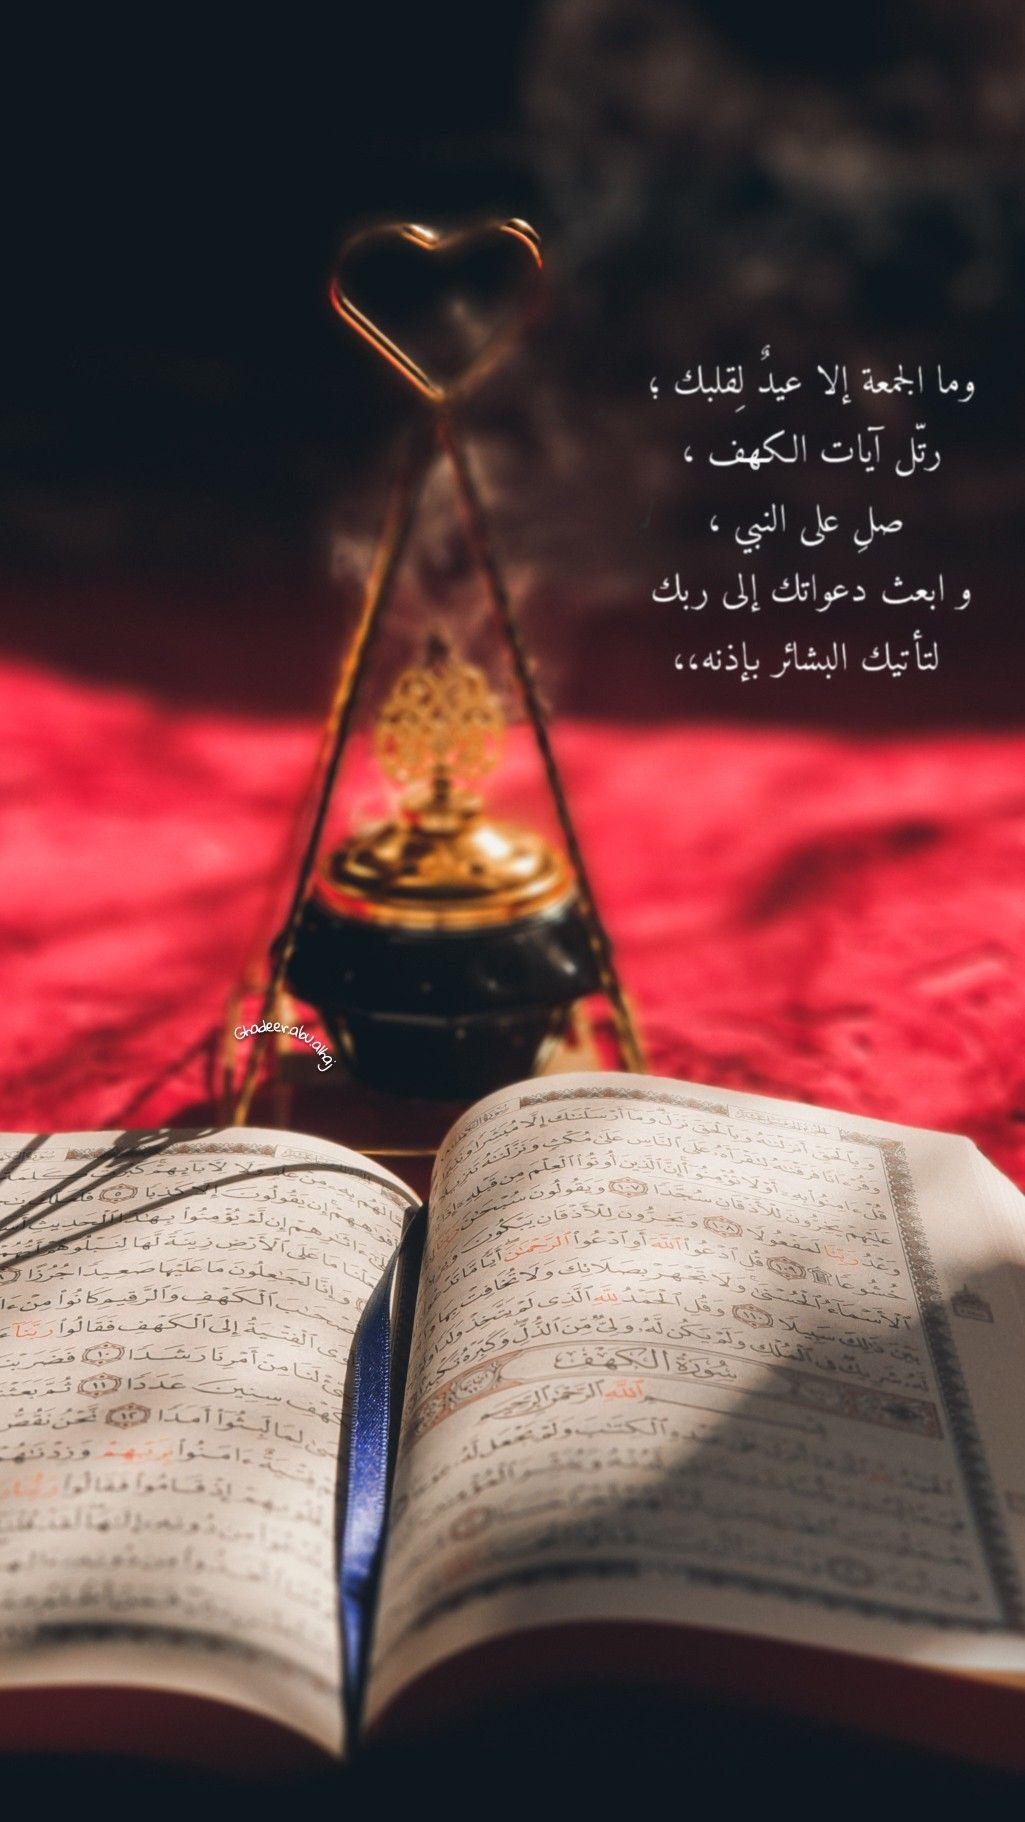 يوم الجمعة سورة الكهف اسلاميات اقتباسات In 2021 Instagram Photo Photo And Video Instagram